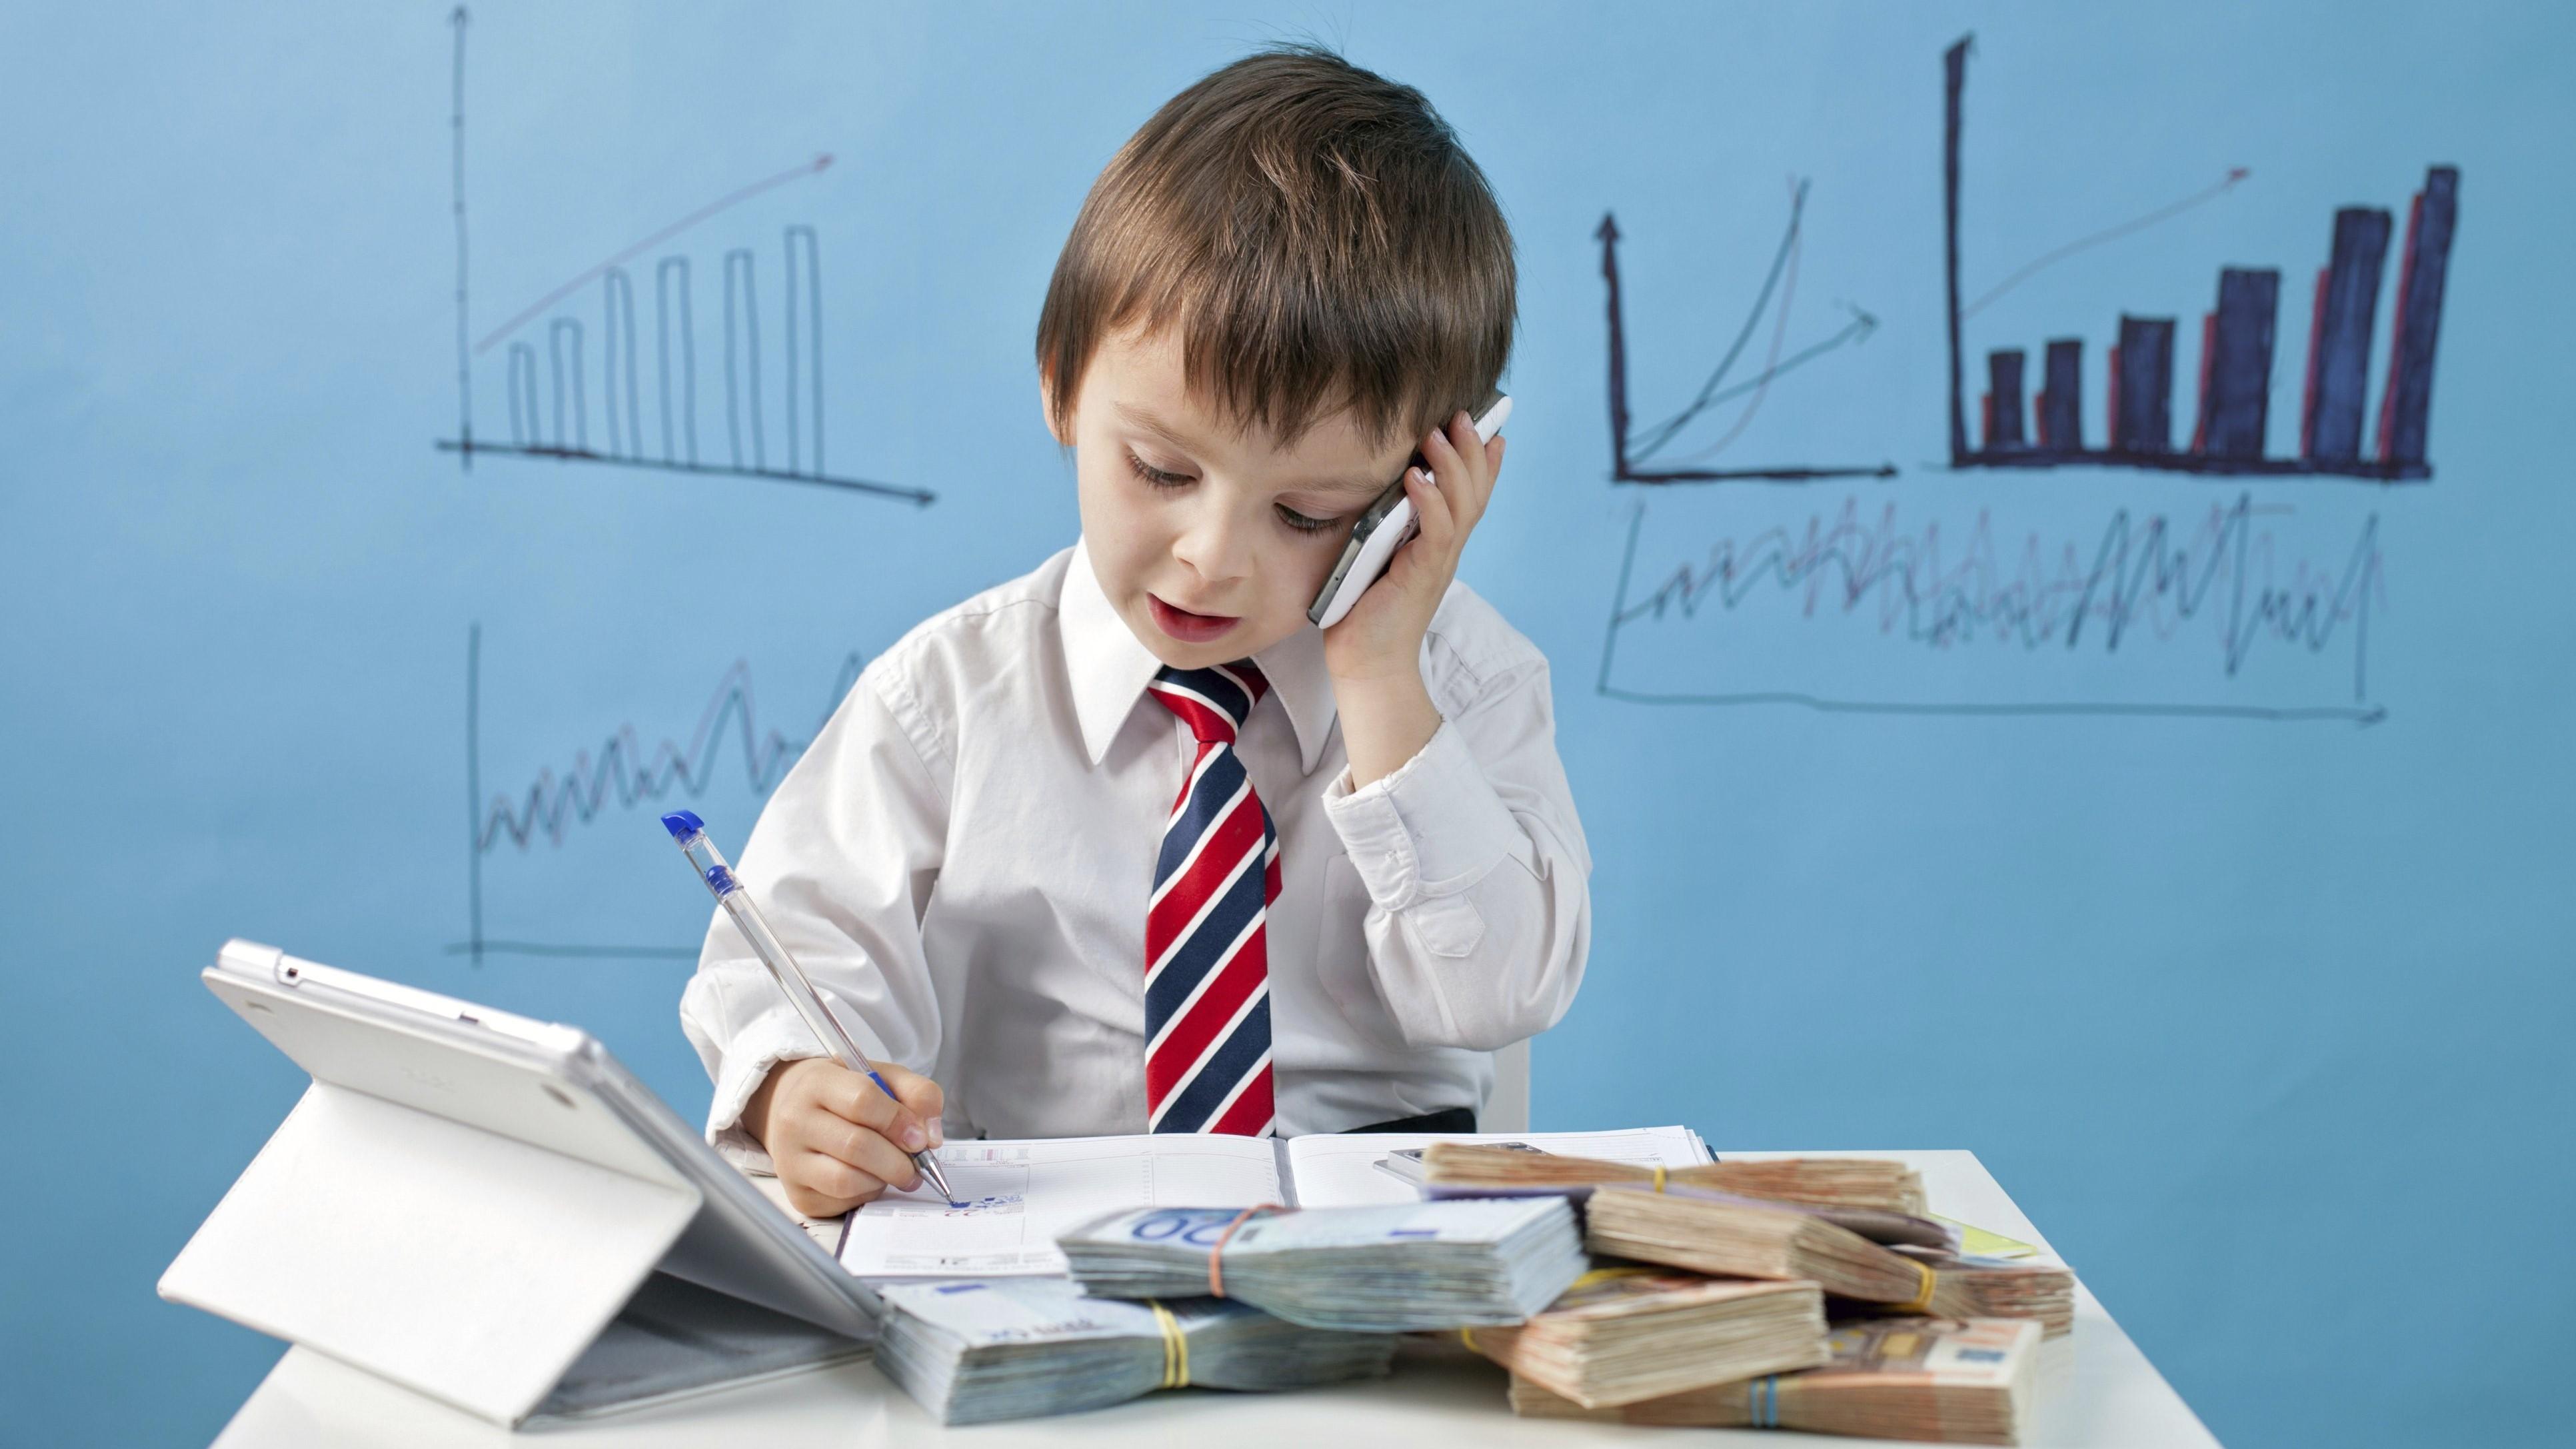 Что будет с ребенком, если не заниматься его финансовой грамотностью